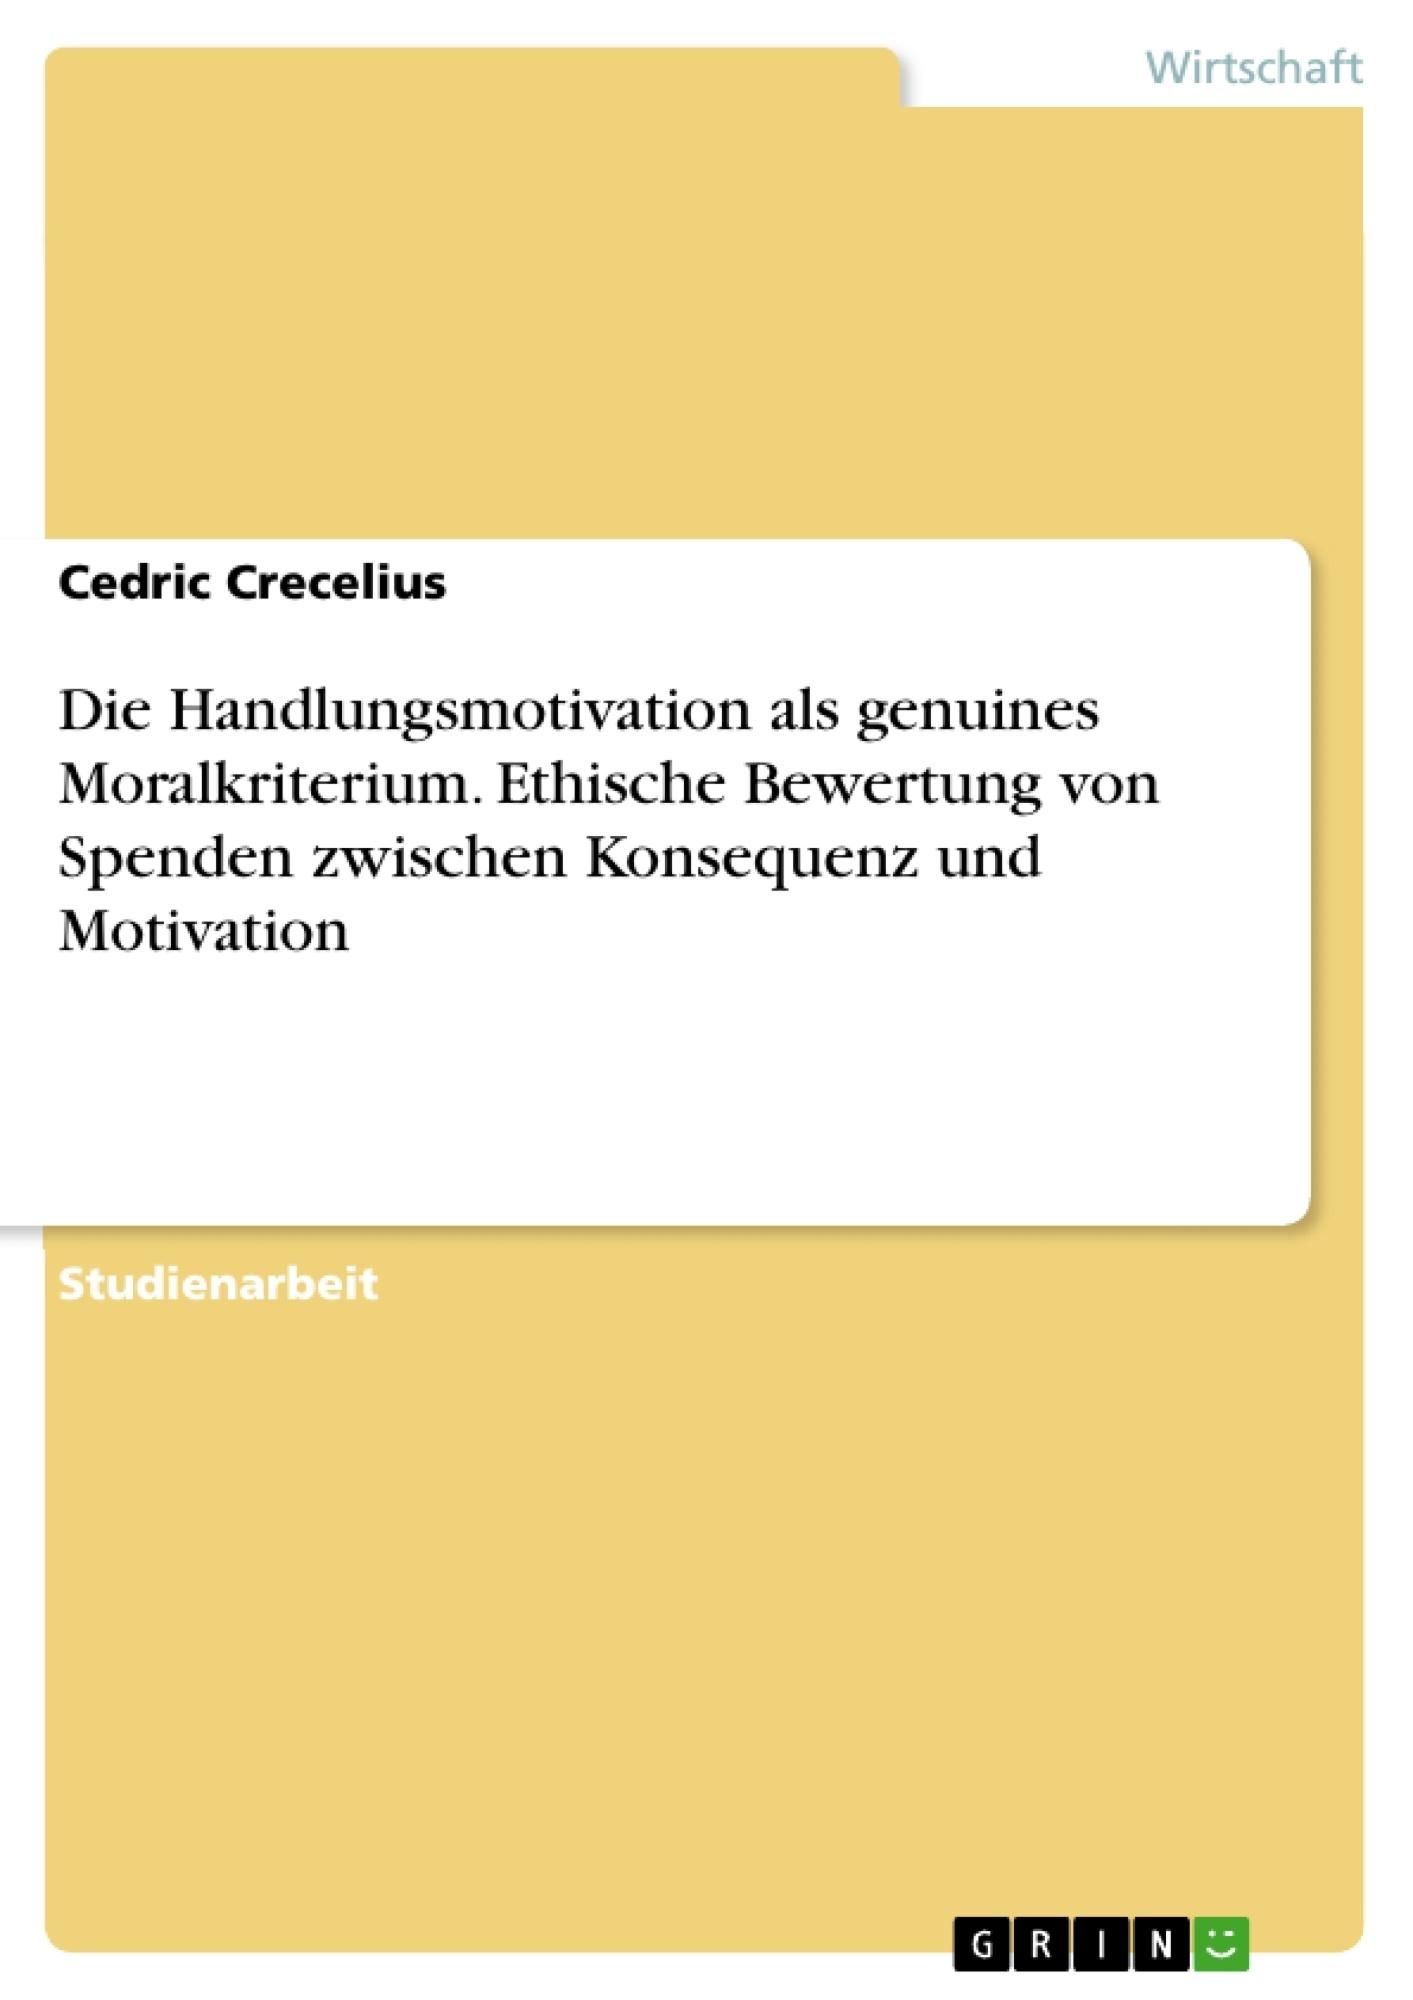 Titel: Die Handlungsmotivation als genuines Moralkriterium. Ethische Bewertung von Spenden zwischen Konsequenz und Motivation